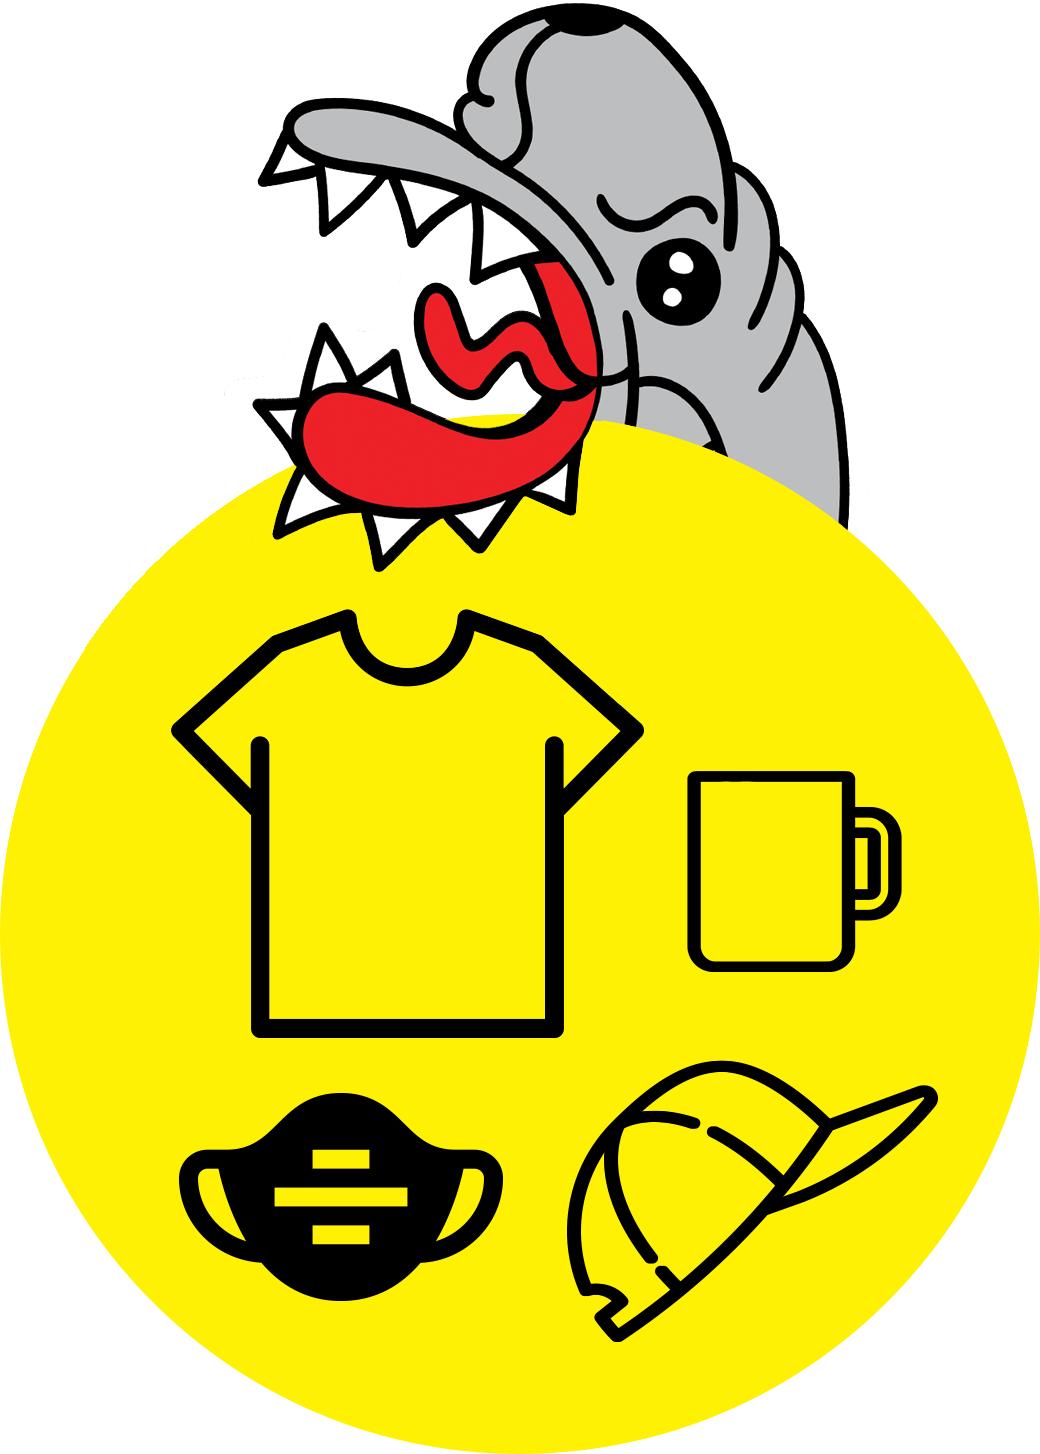 obrázek - Adolfeen - trička, kšiltovky, roušky, hrnky